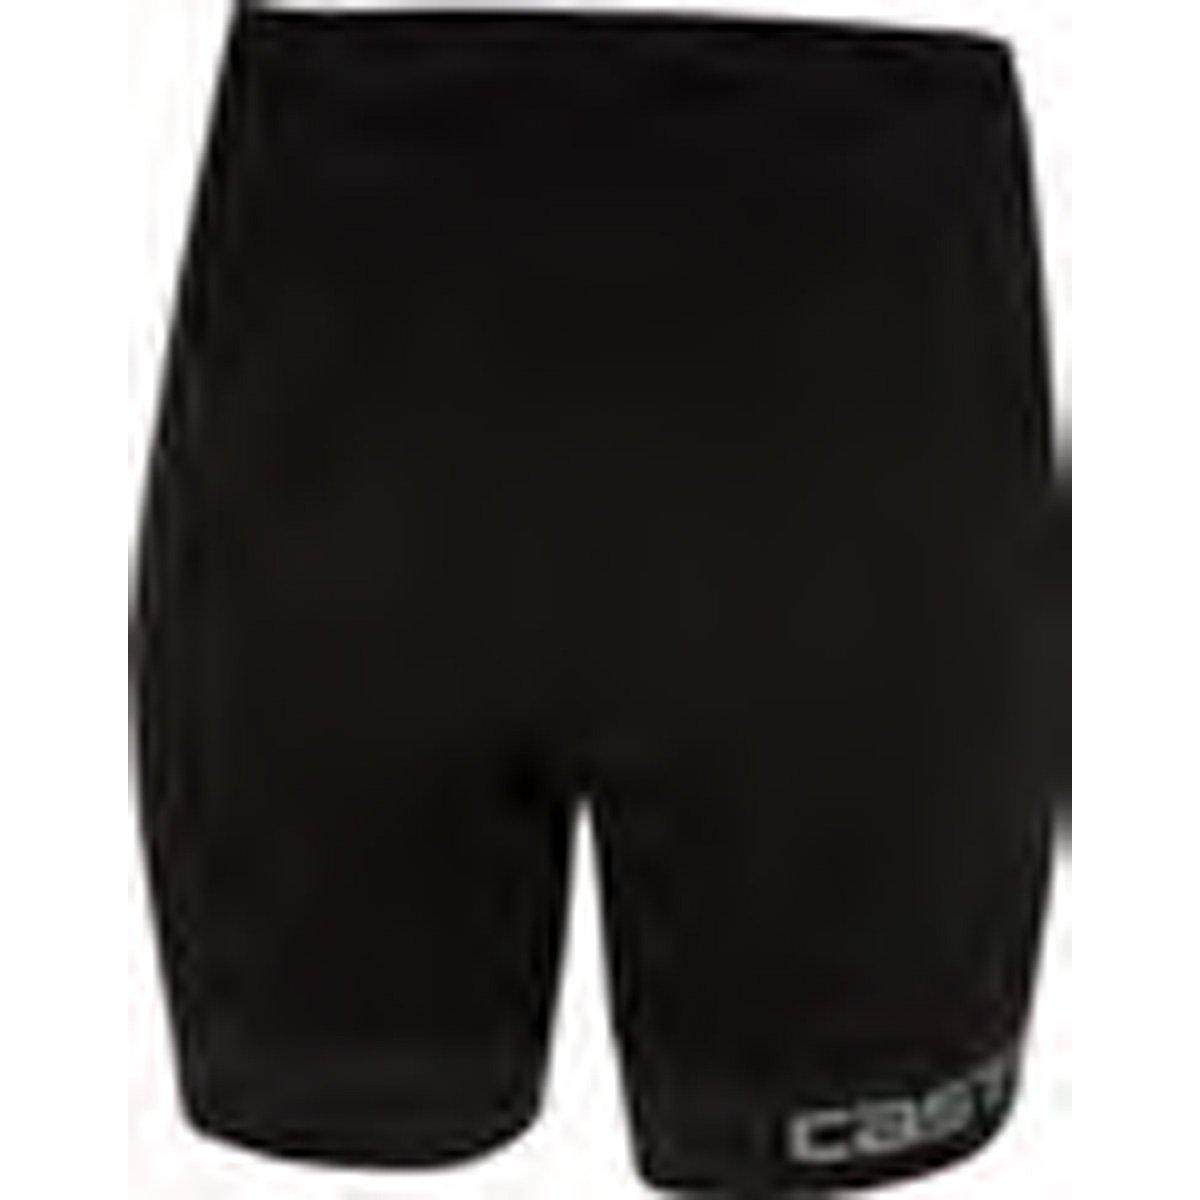 Black Pastel Mint Castelli Women's Core 2 Tri Short